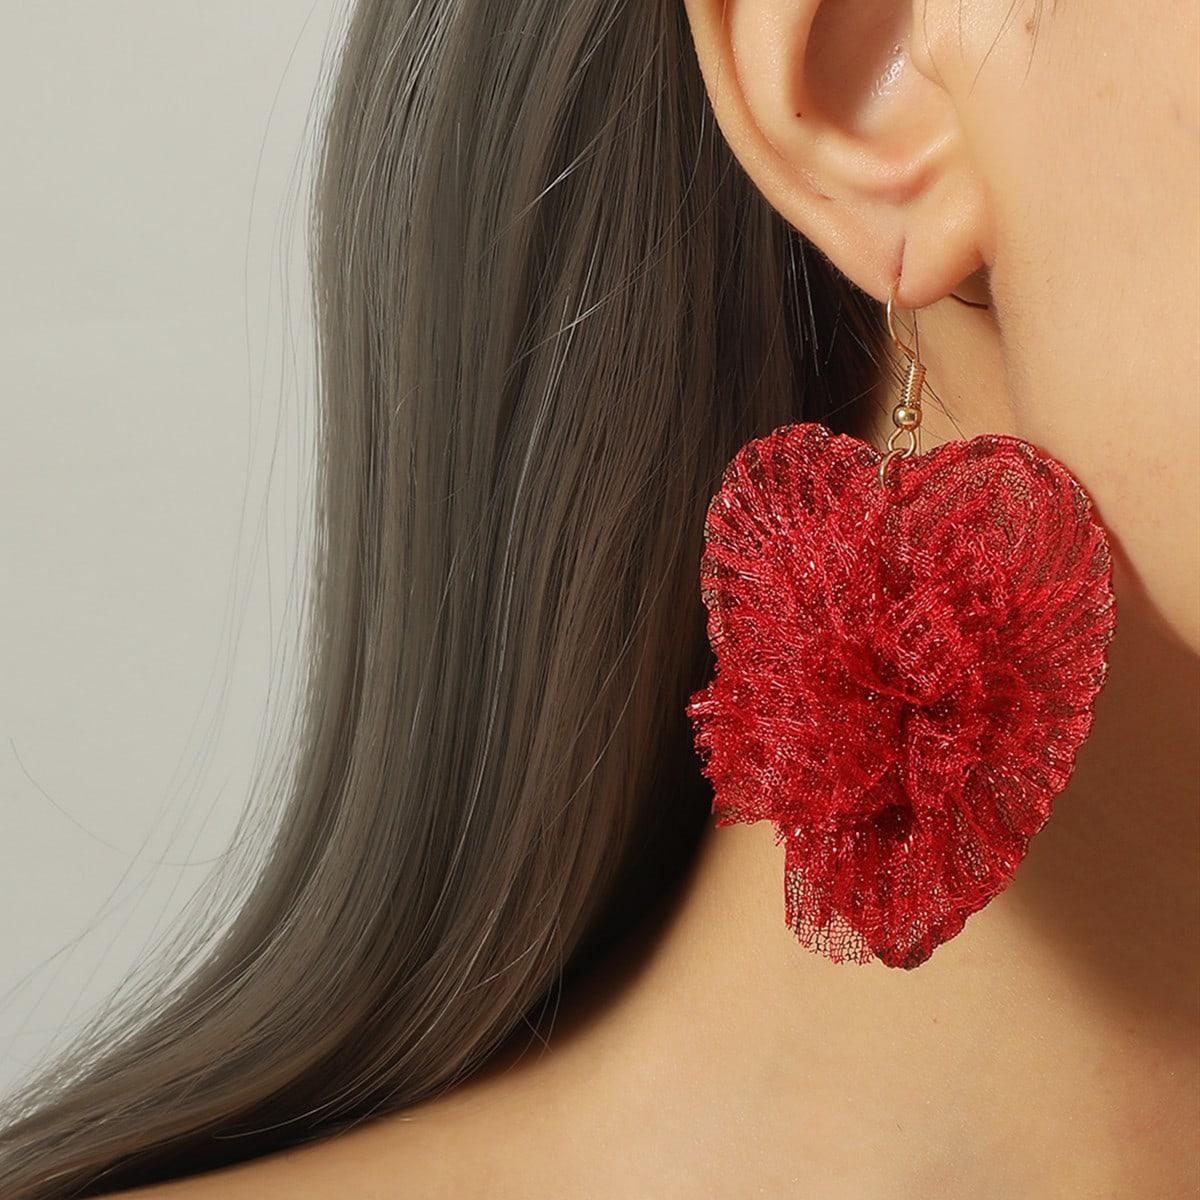 SHEIN / Weihnachten Ohrringe mit Herzen Dekor